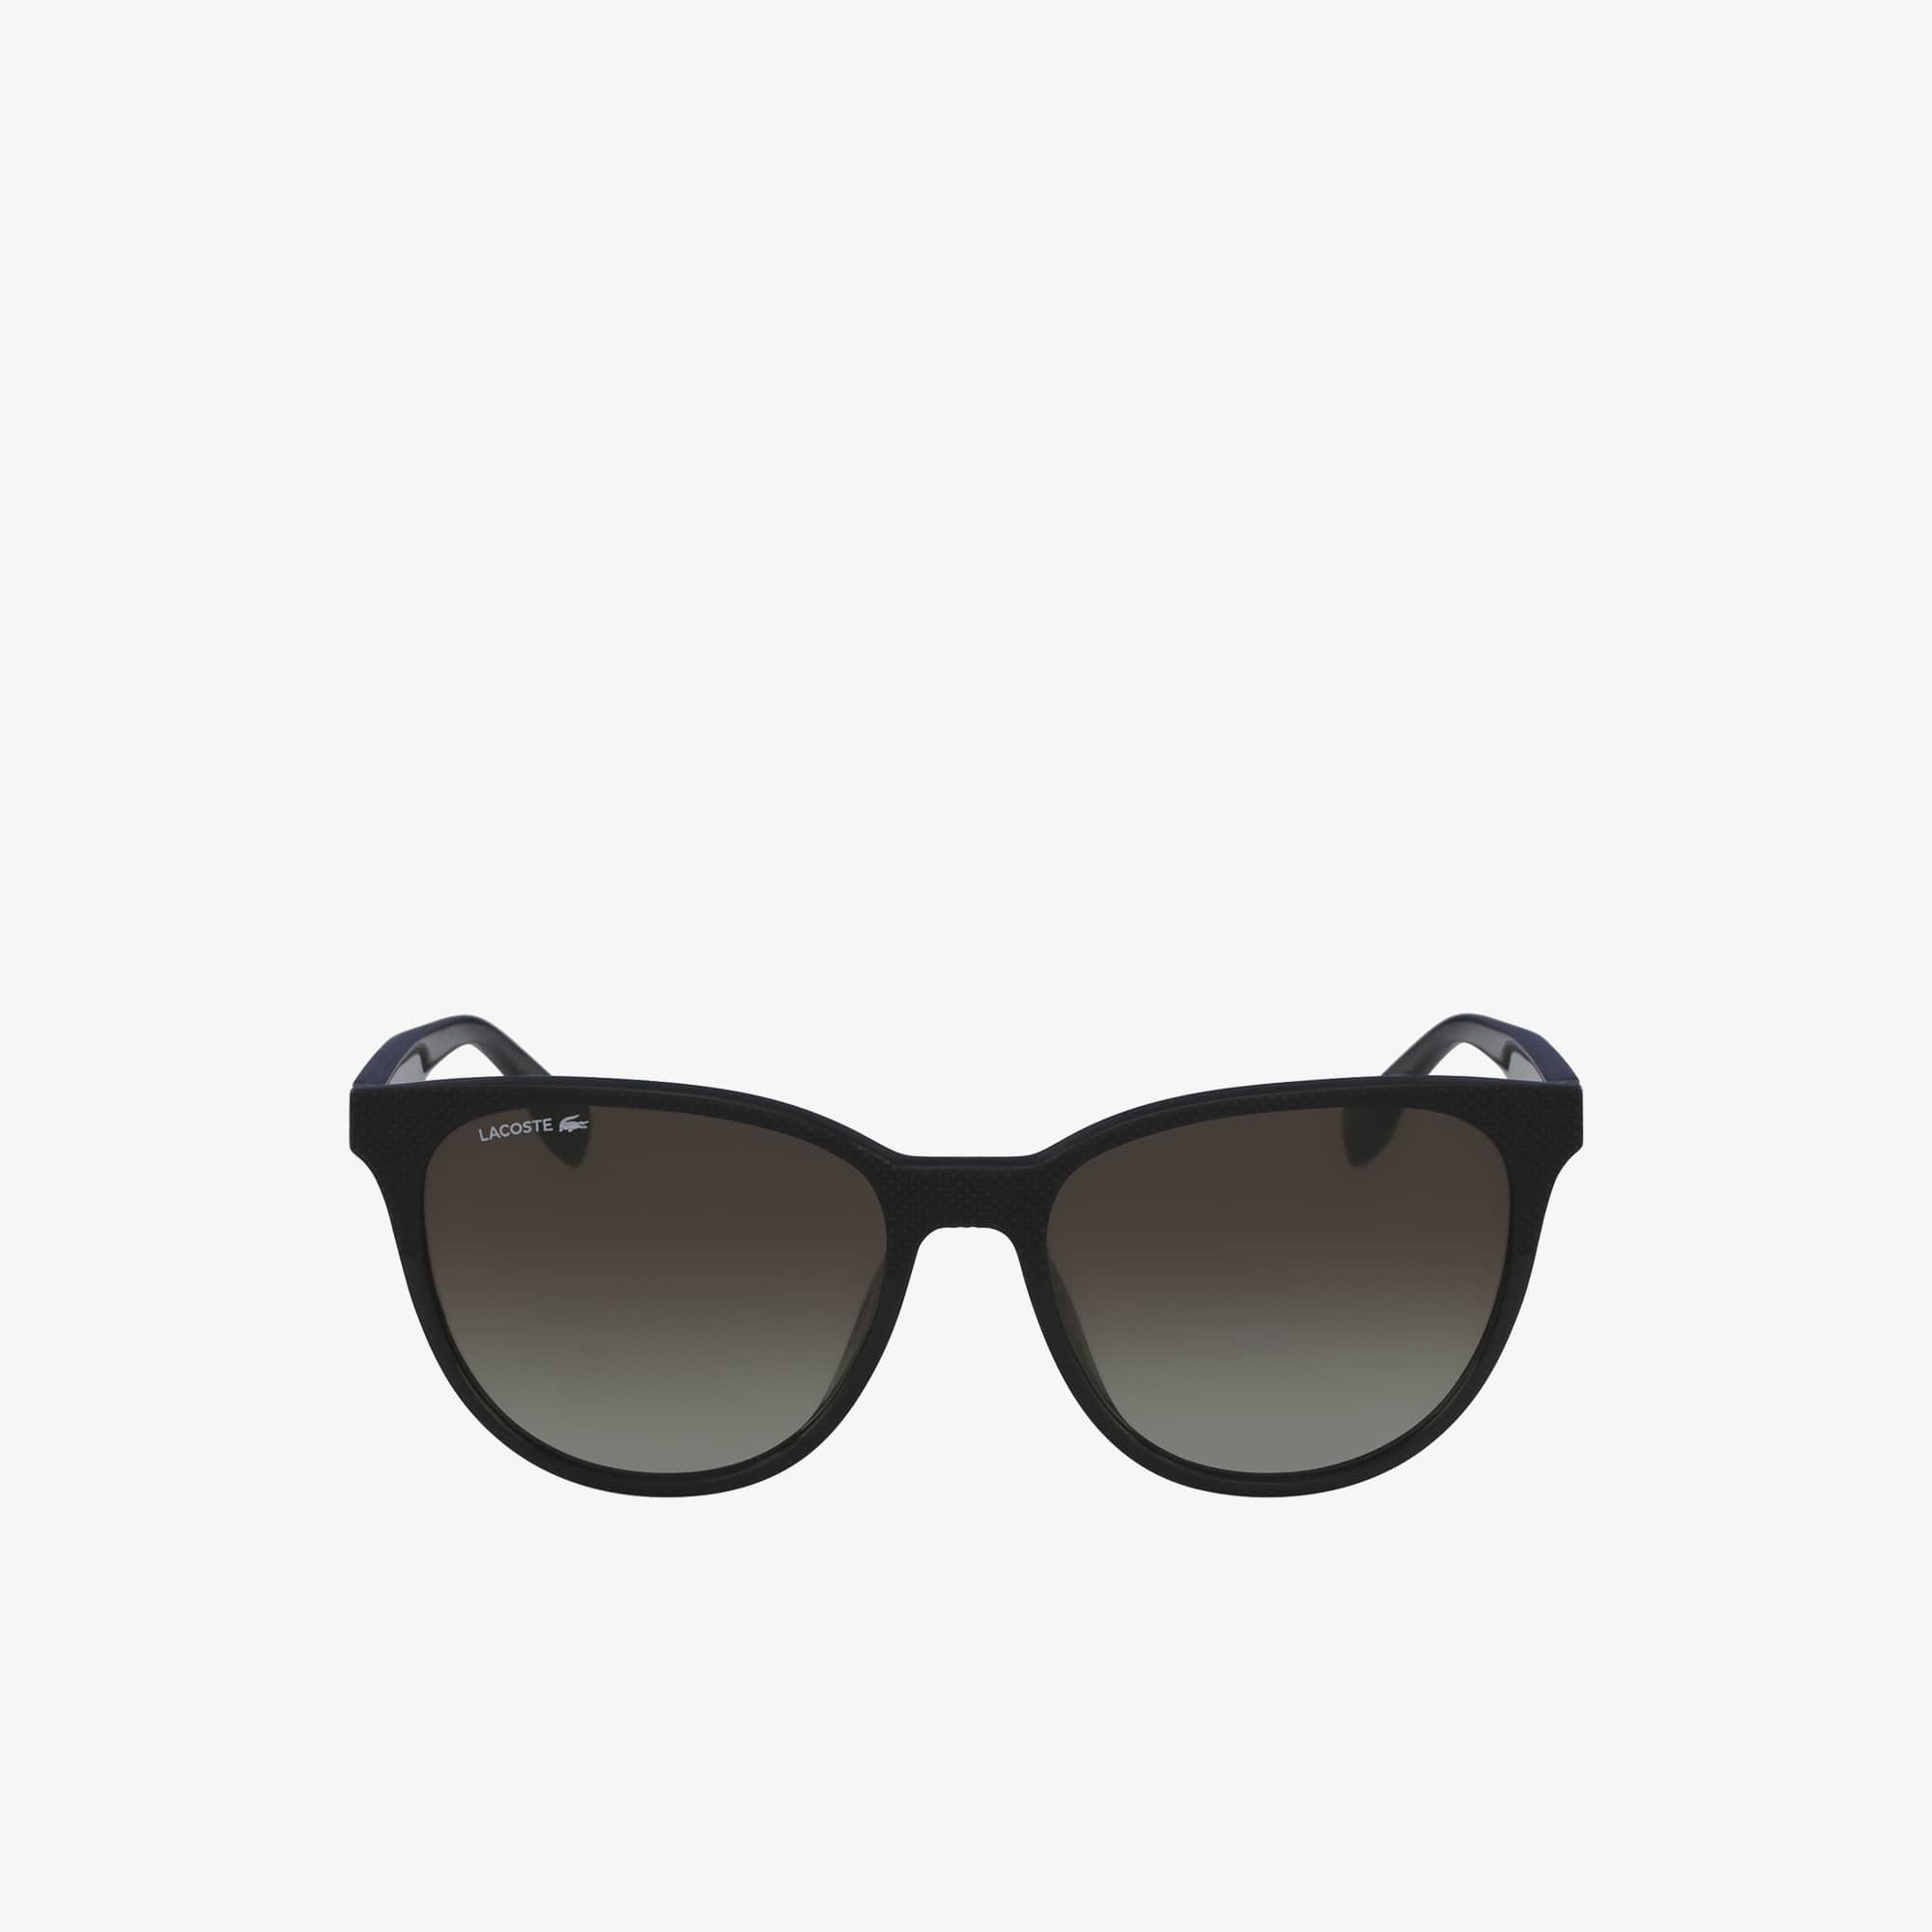 Óculos de Sol L.12.12 Senhora